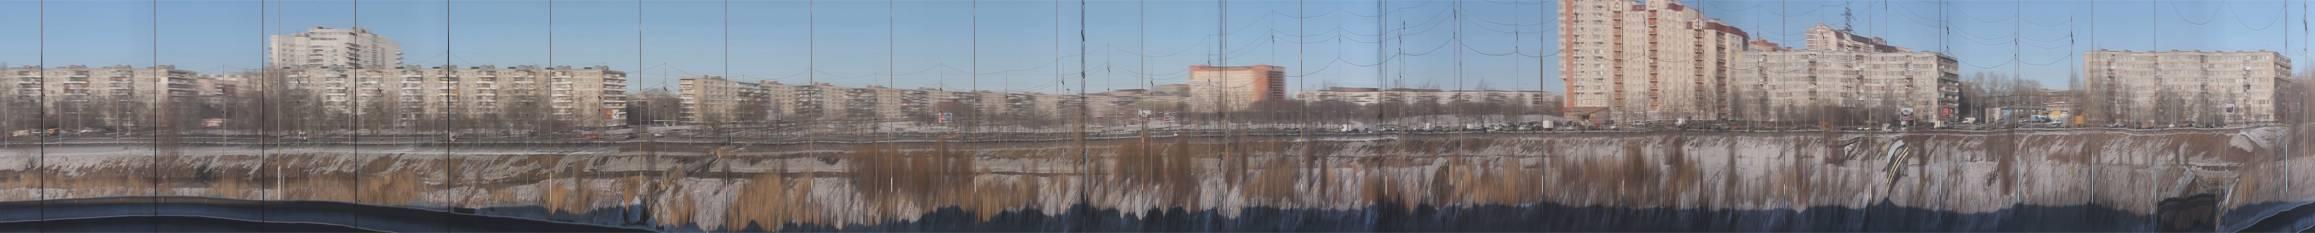 Ekspozzer — создание панорамы из видео, усреднение видеопотока - 38